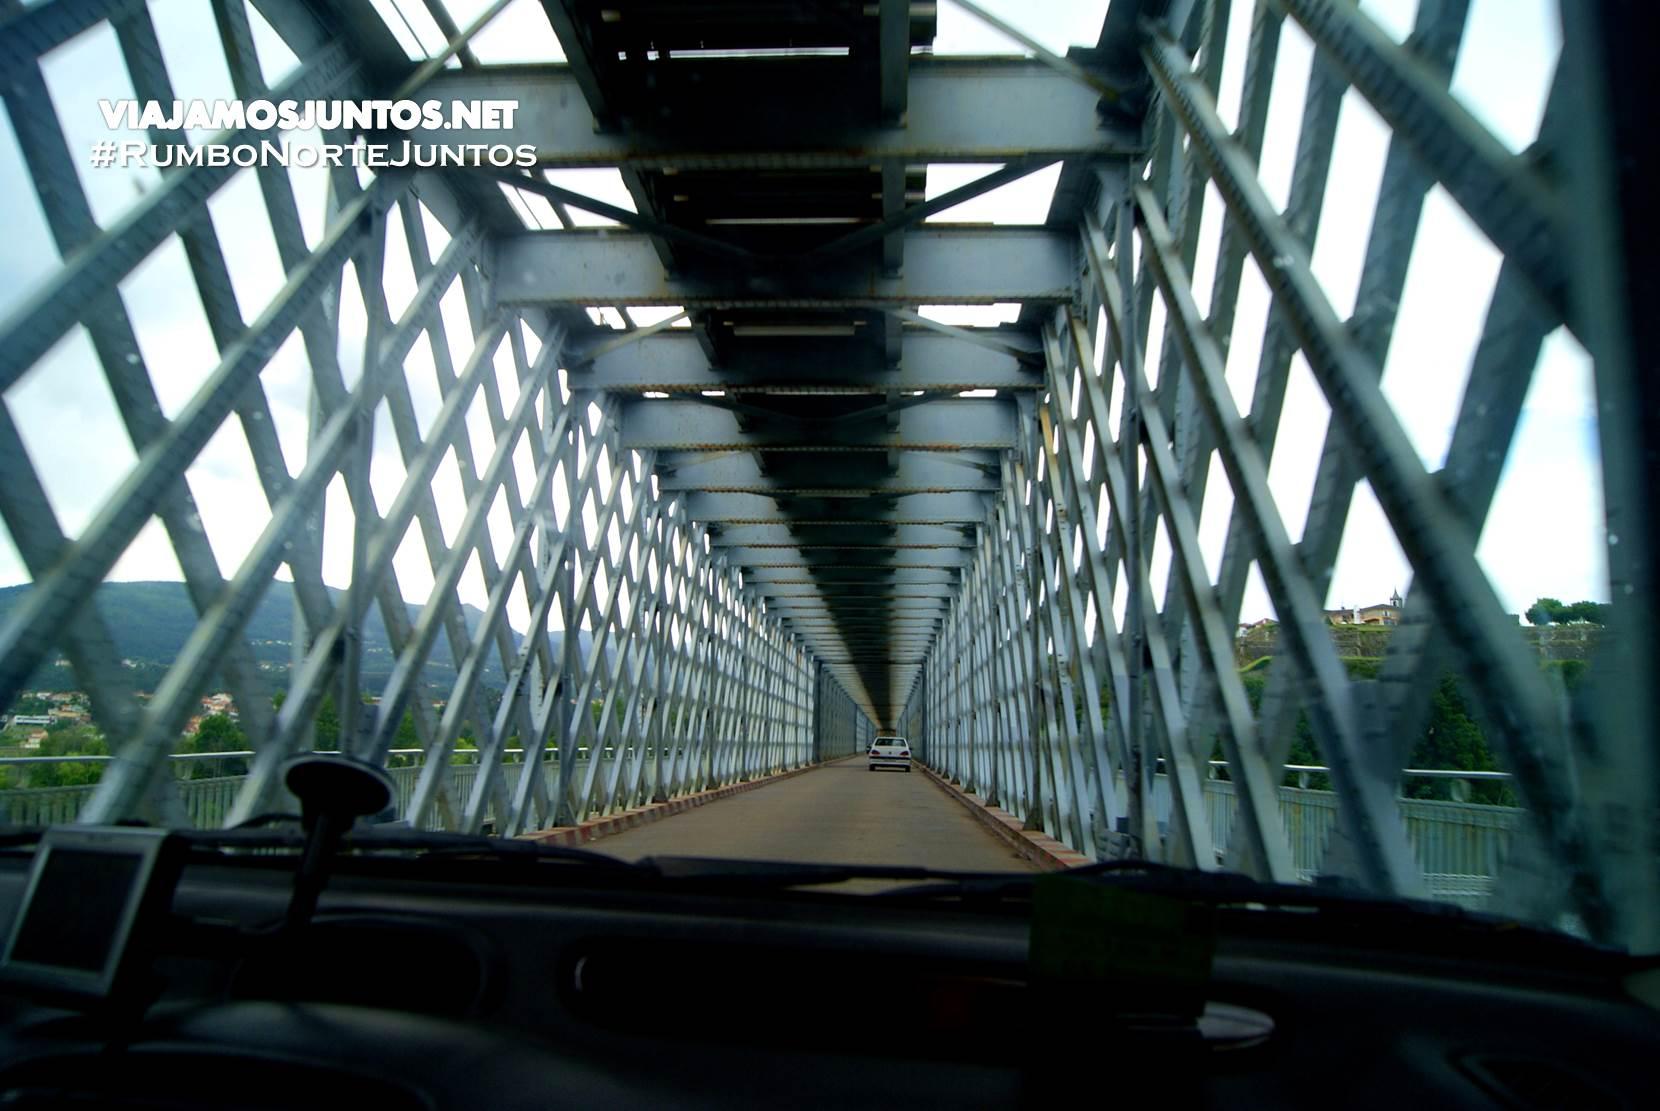 El puente internacional de Tui